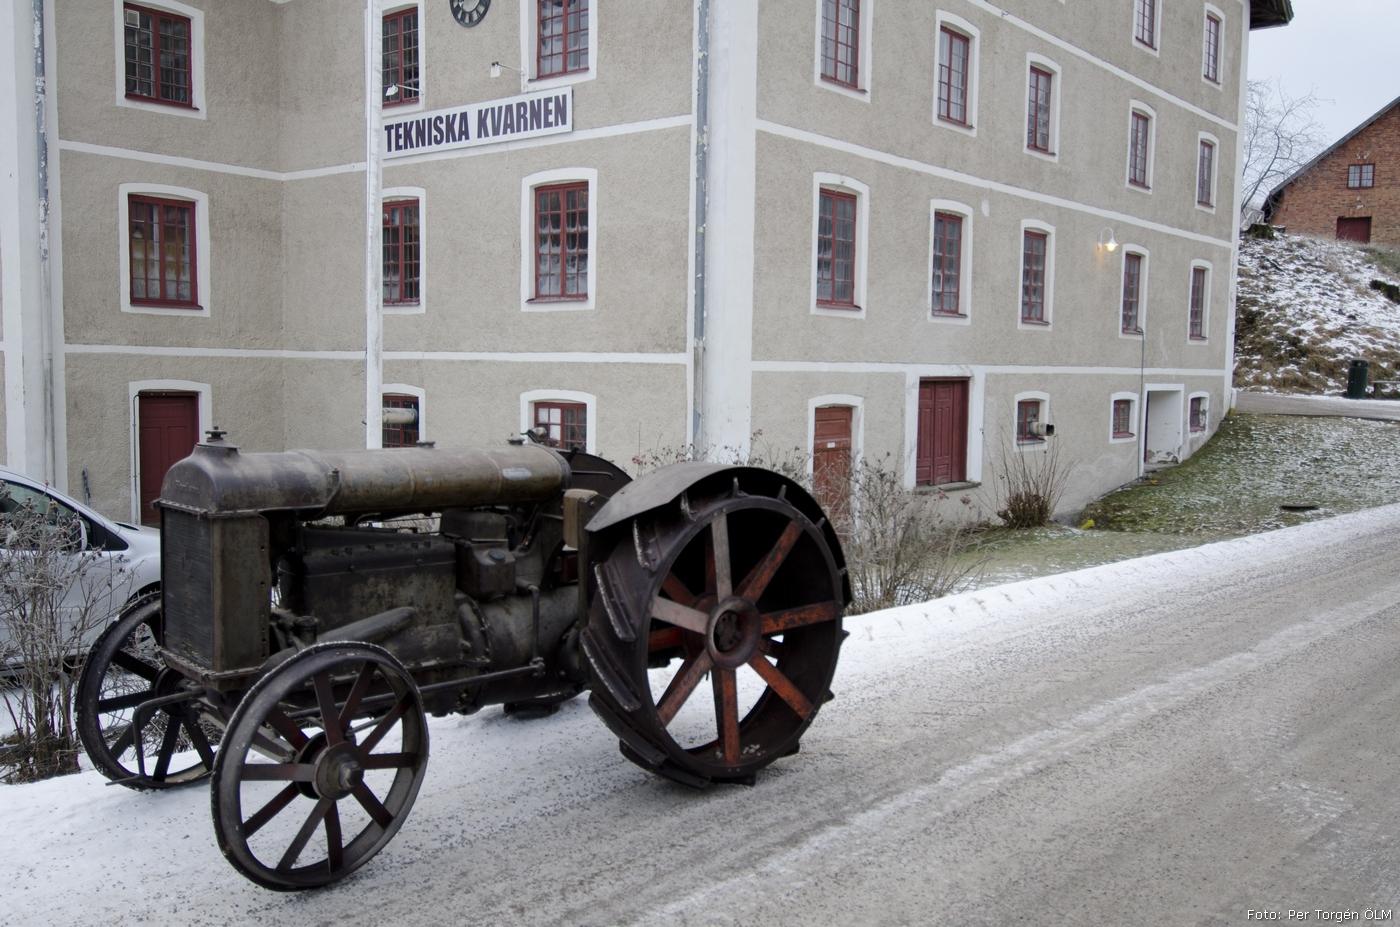 2012-02-10_045_Tekniska_kvarnen